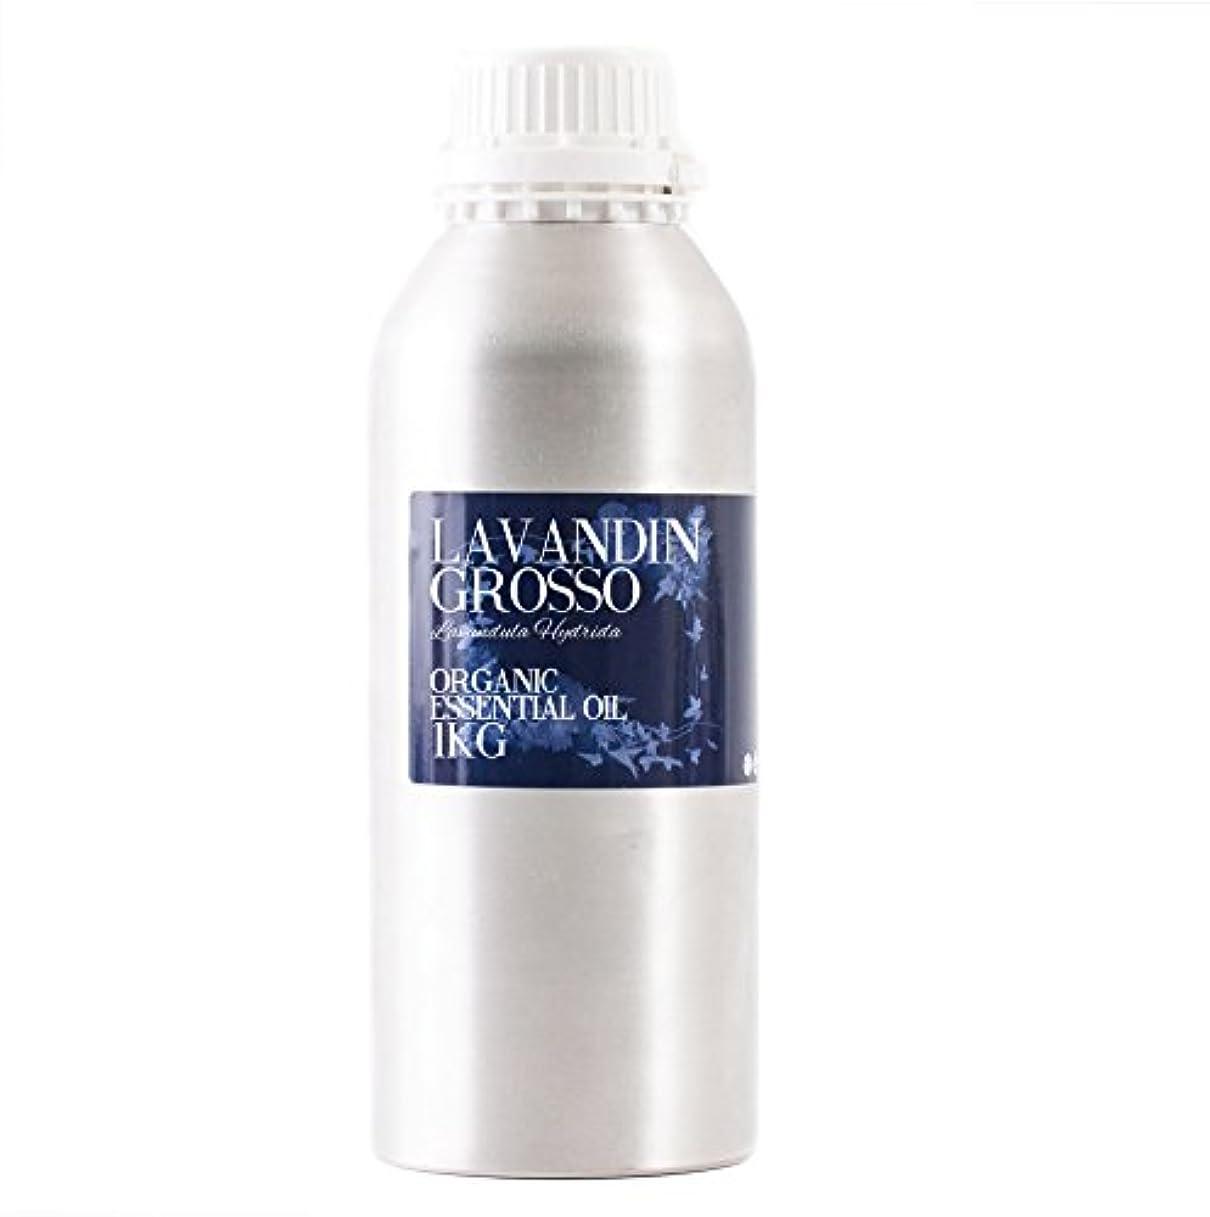 ストライプ天気直径Mystic Moments | Lavandin Grosso Organic Essential Oil - 1Kg - 100% Pure